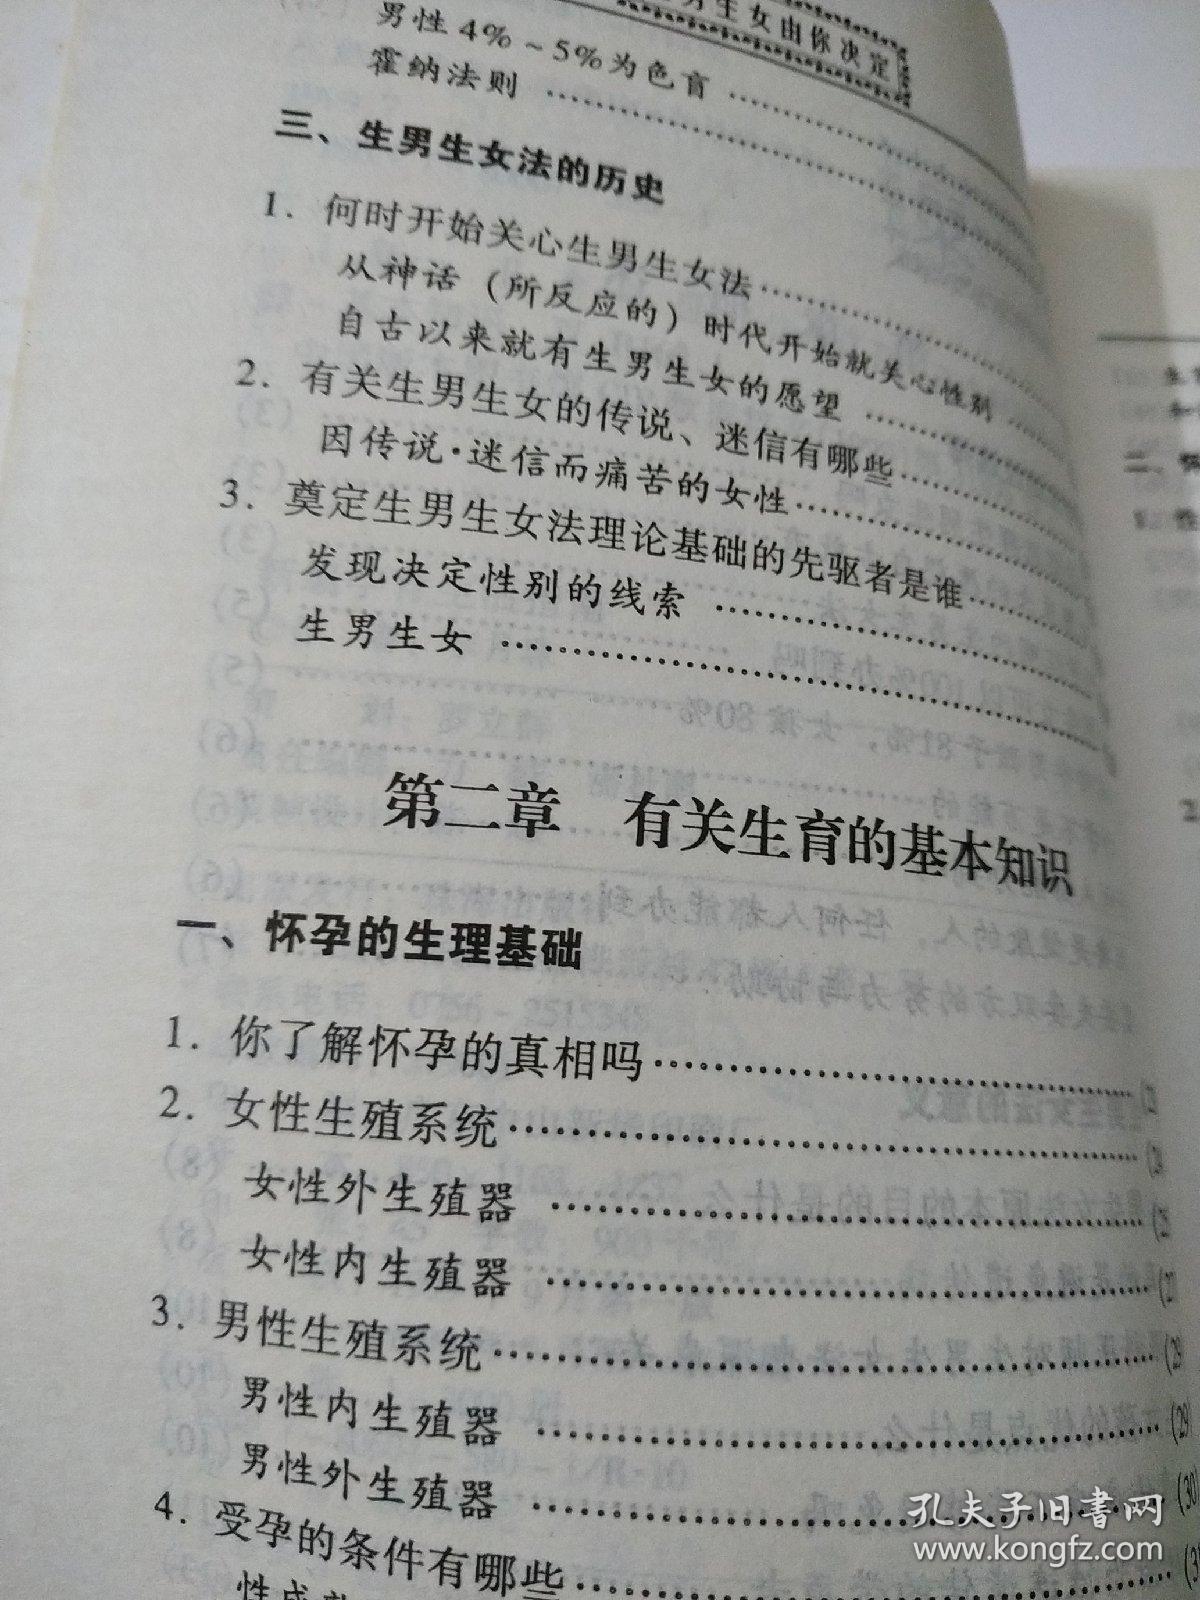 生男生女图2020清宫图